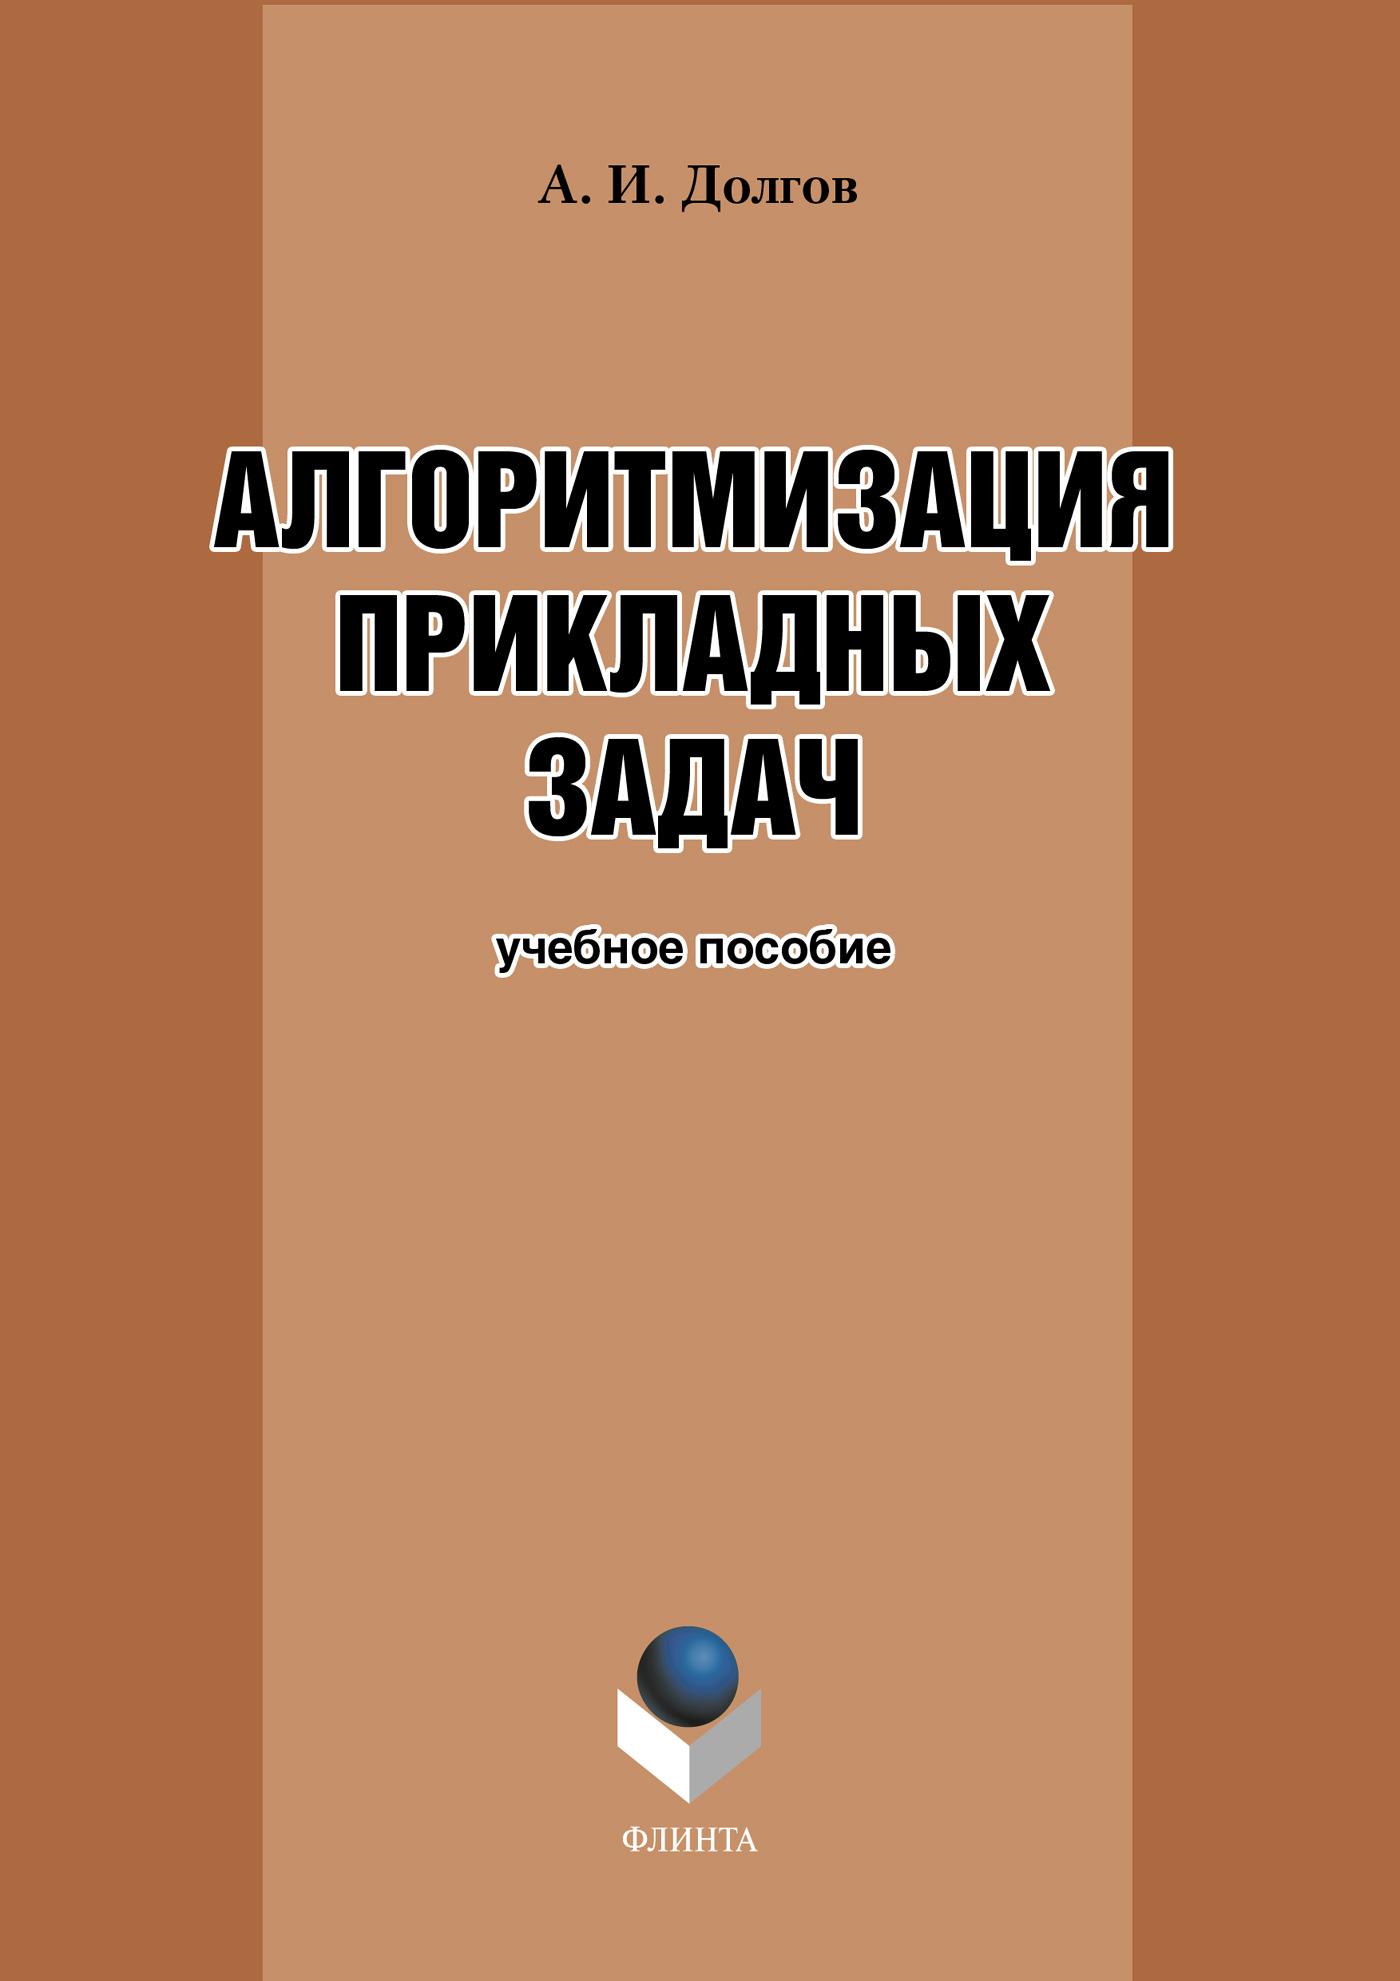 А. И. Долгов Алгоритмизация прикладных задач. Учебное пособие недорого